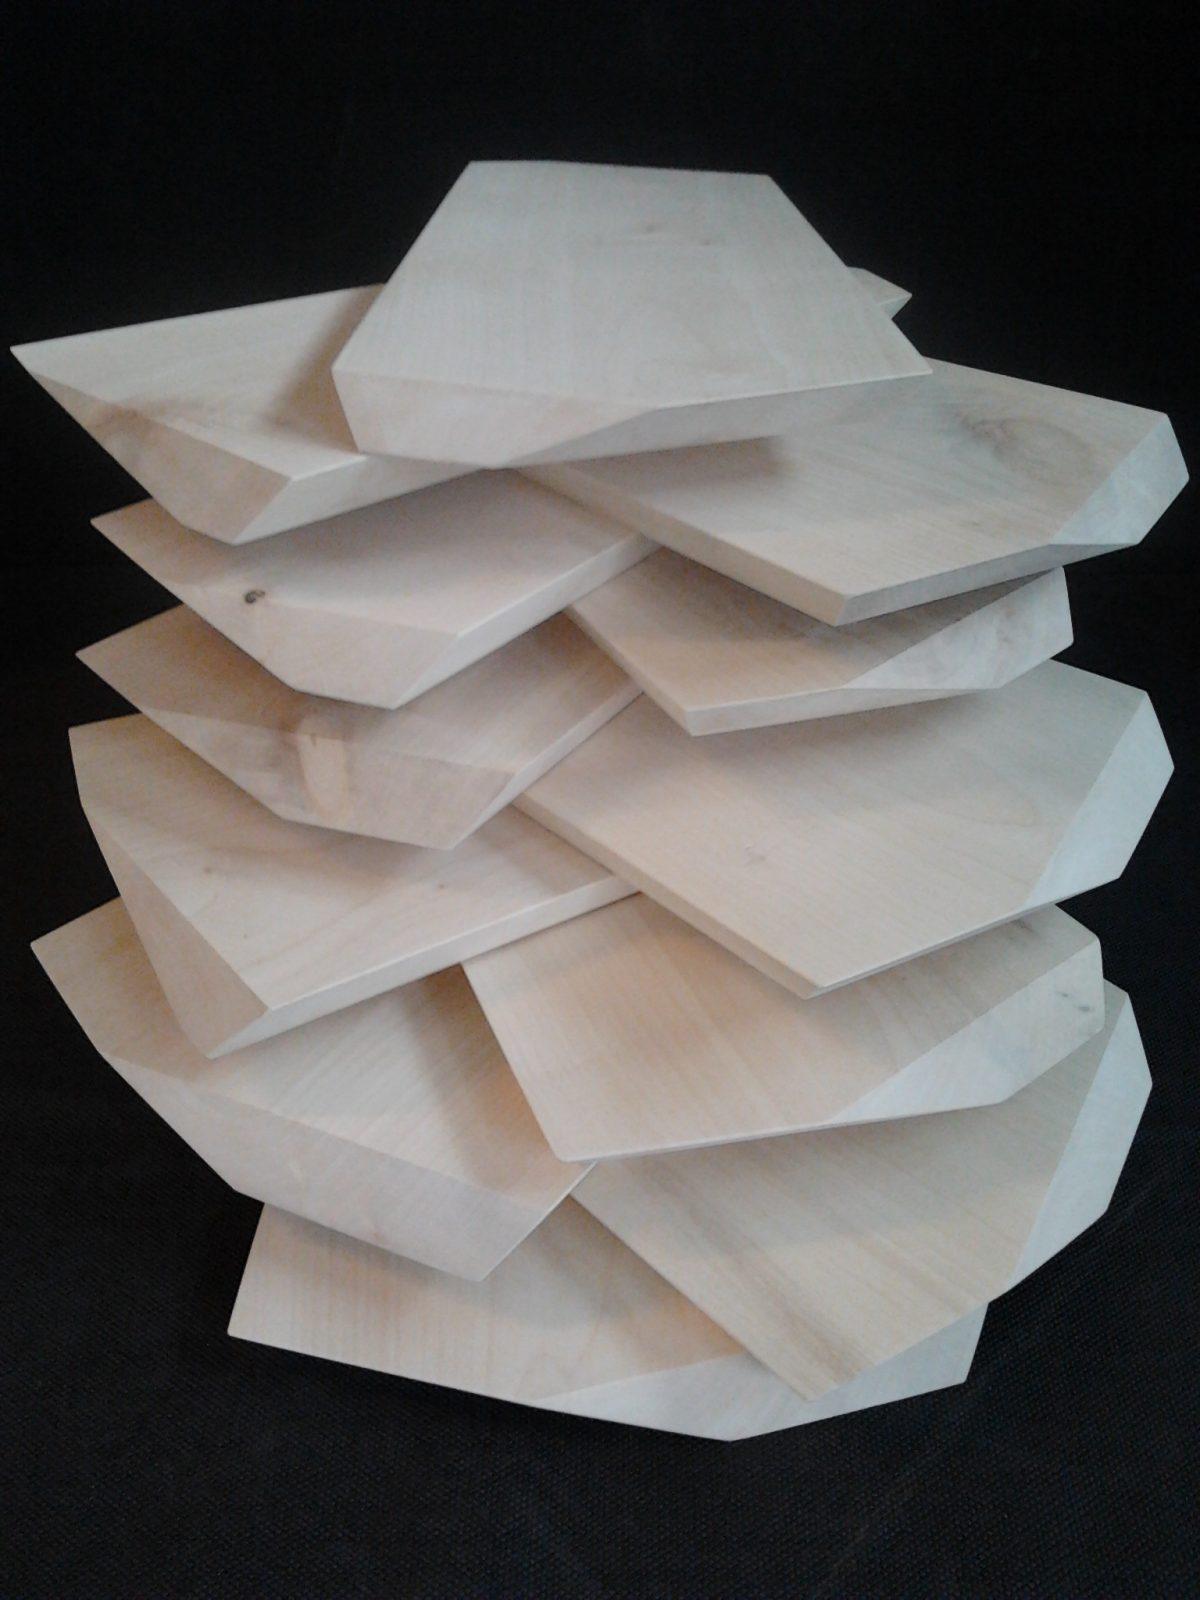 Snijplanken borrelplank – Ruben van der Scheer